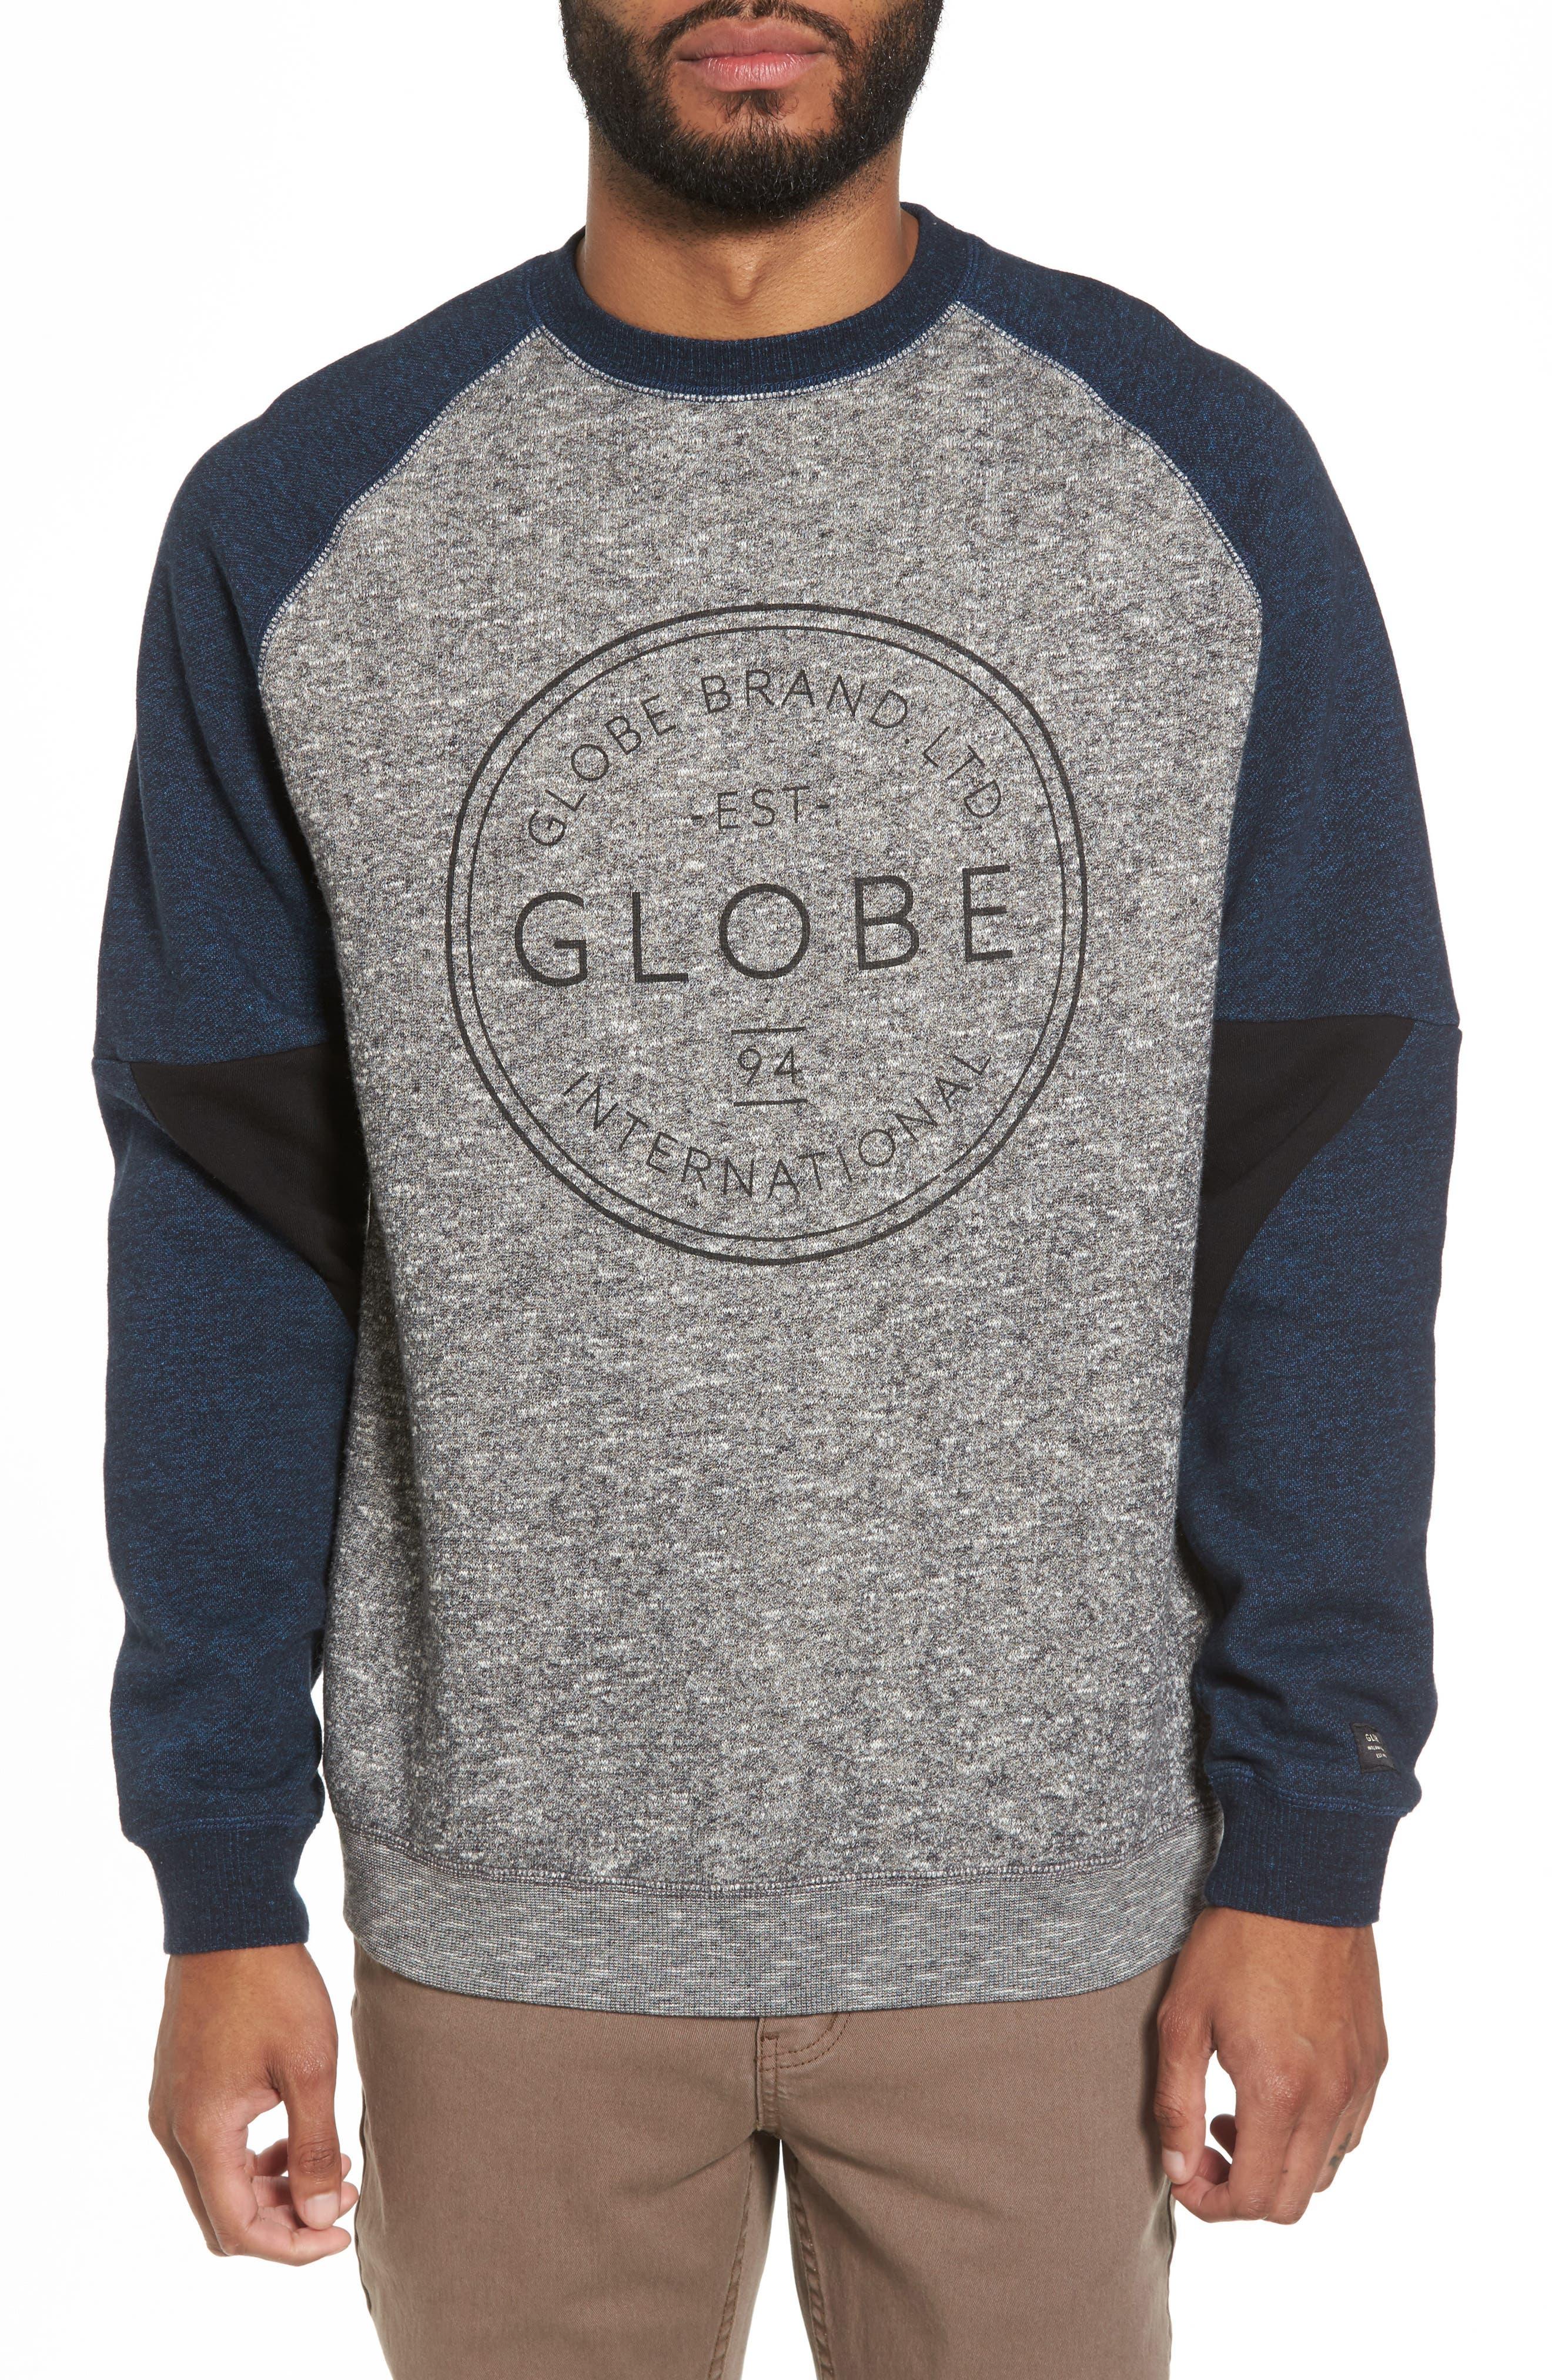 Main Image - Globe Winson Graphic Sweatshirt